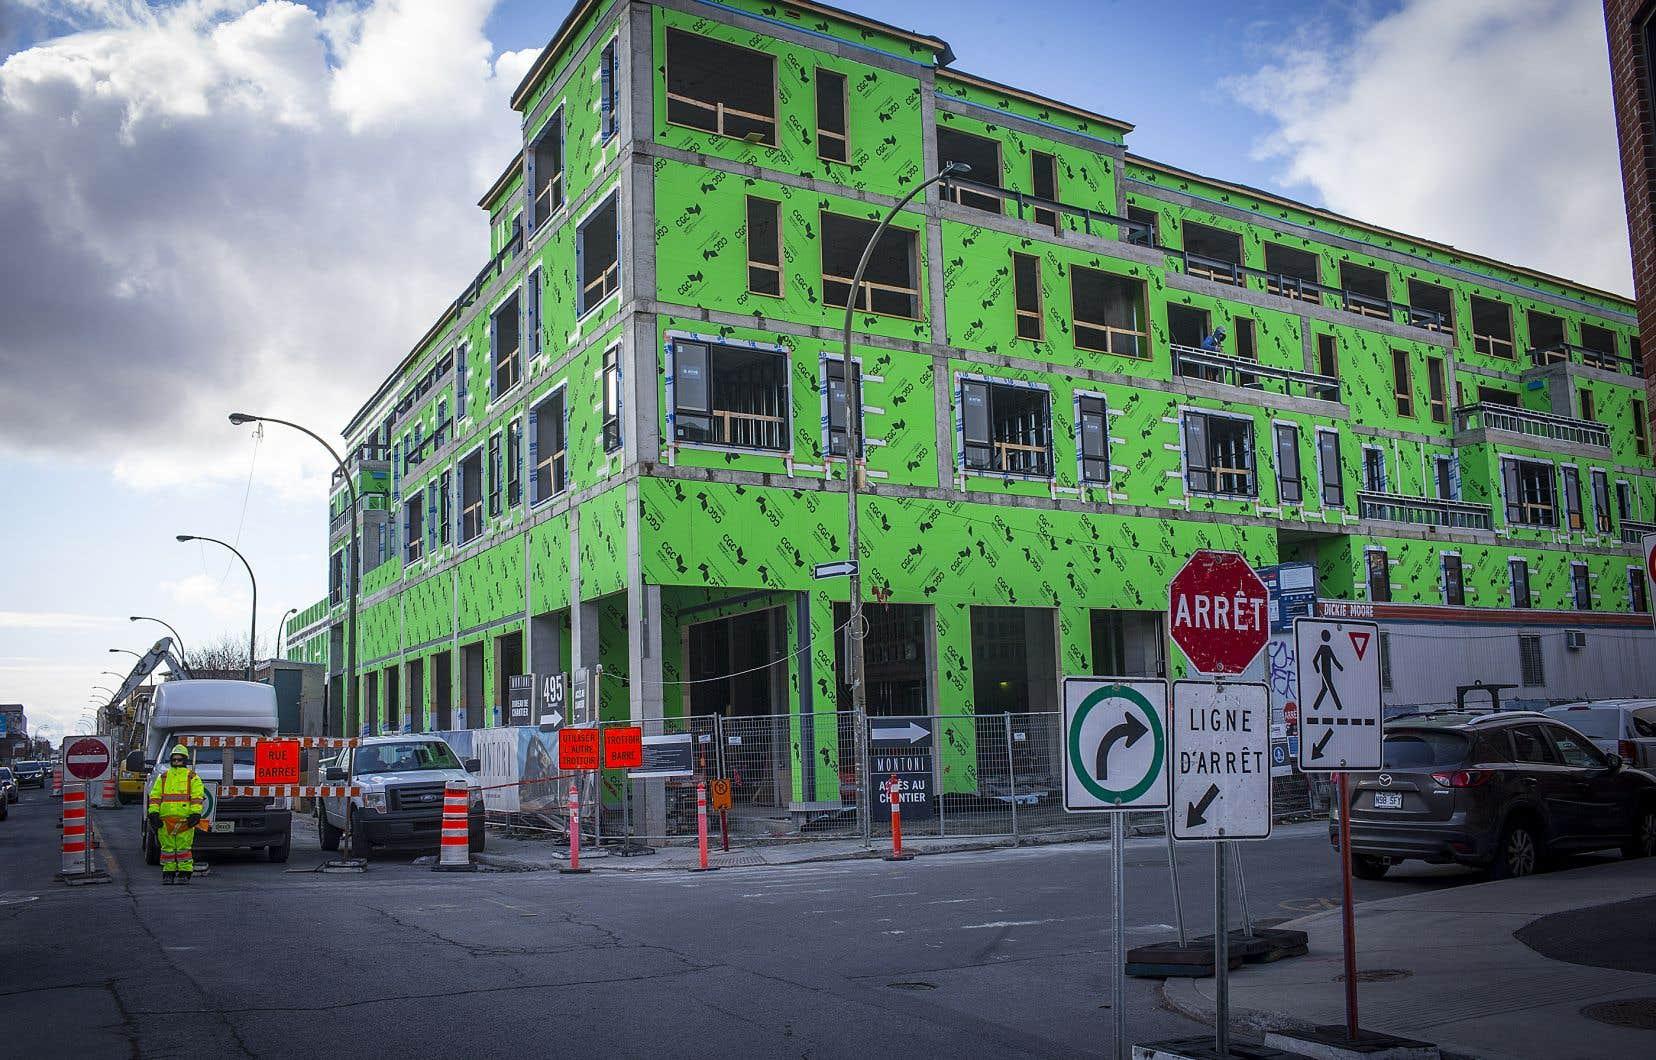 Depuis 2018, la Ville indique avoir acquis 23 terrains qui pourraient permettre la réalisation de 1500 logements sociaux dans les prochaines années, si l'aide financière de Québec est au rendez-vous.